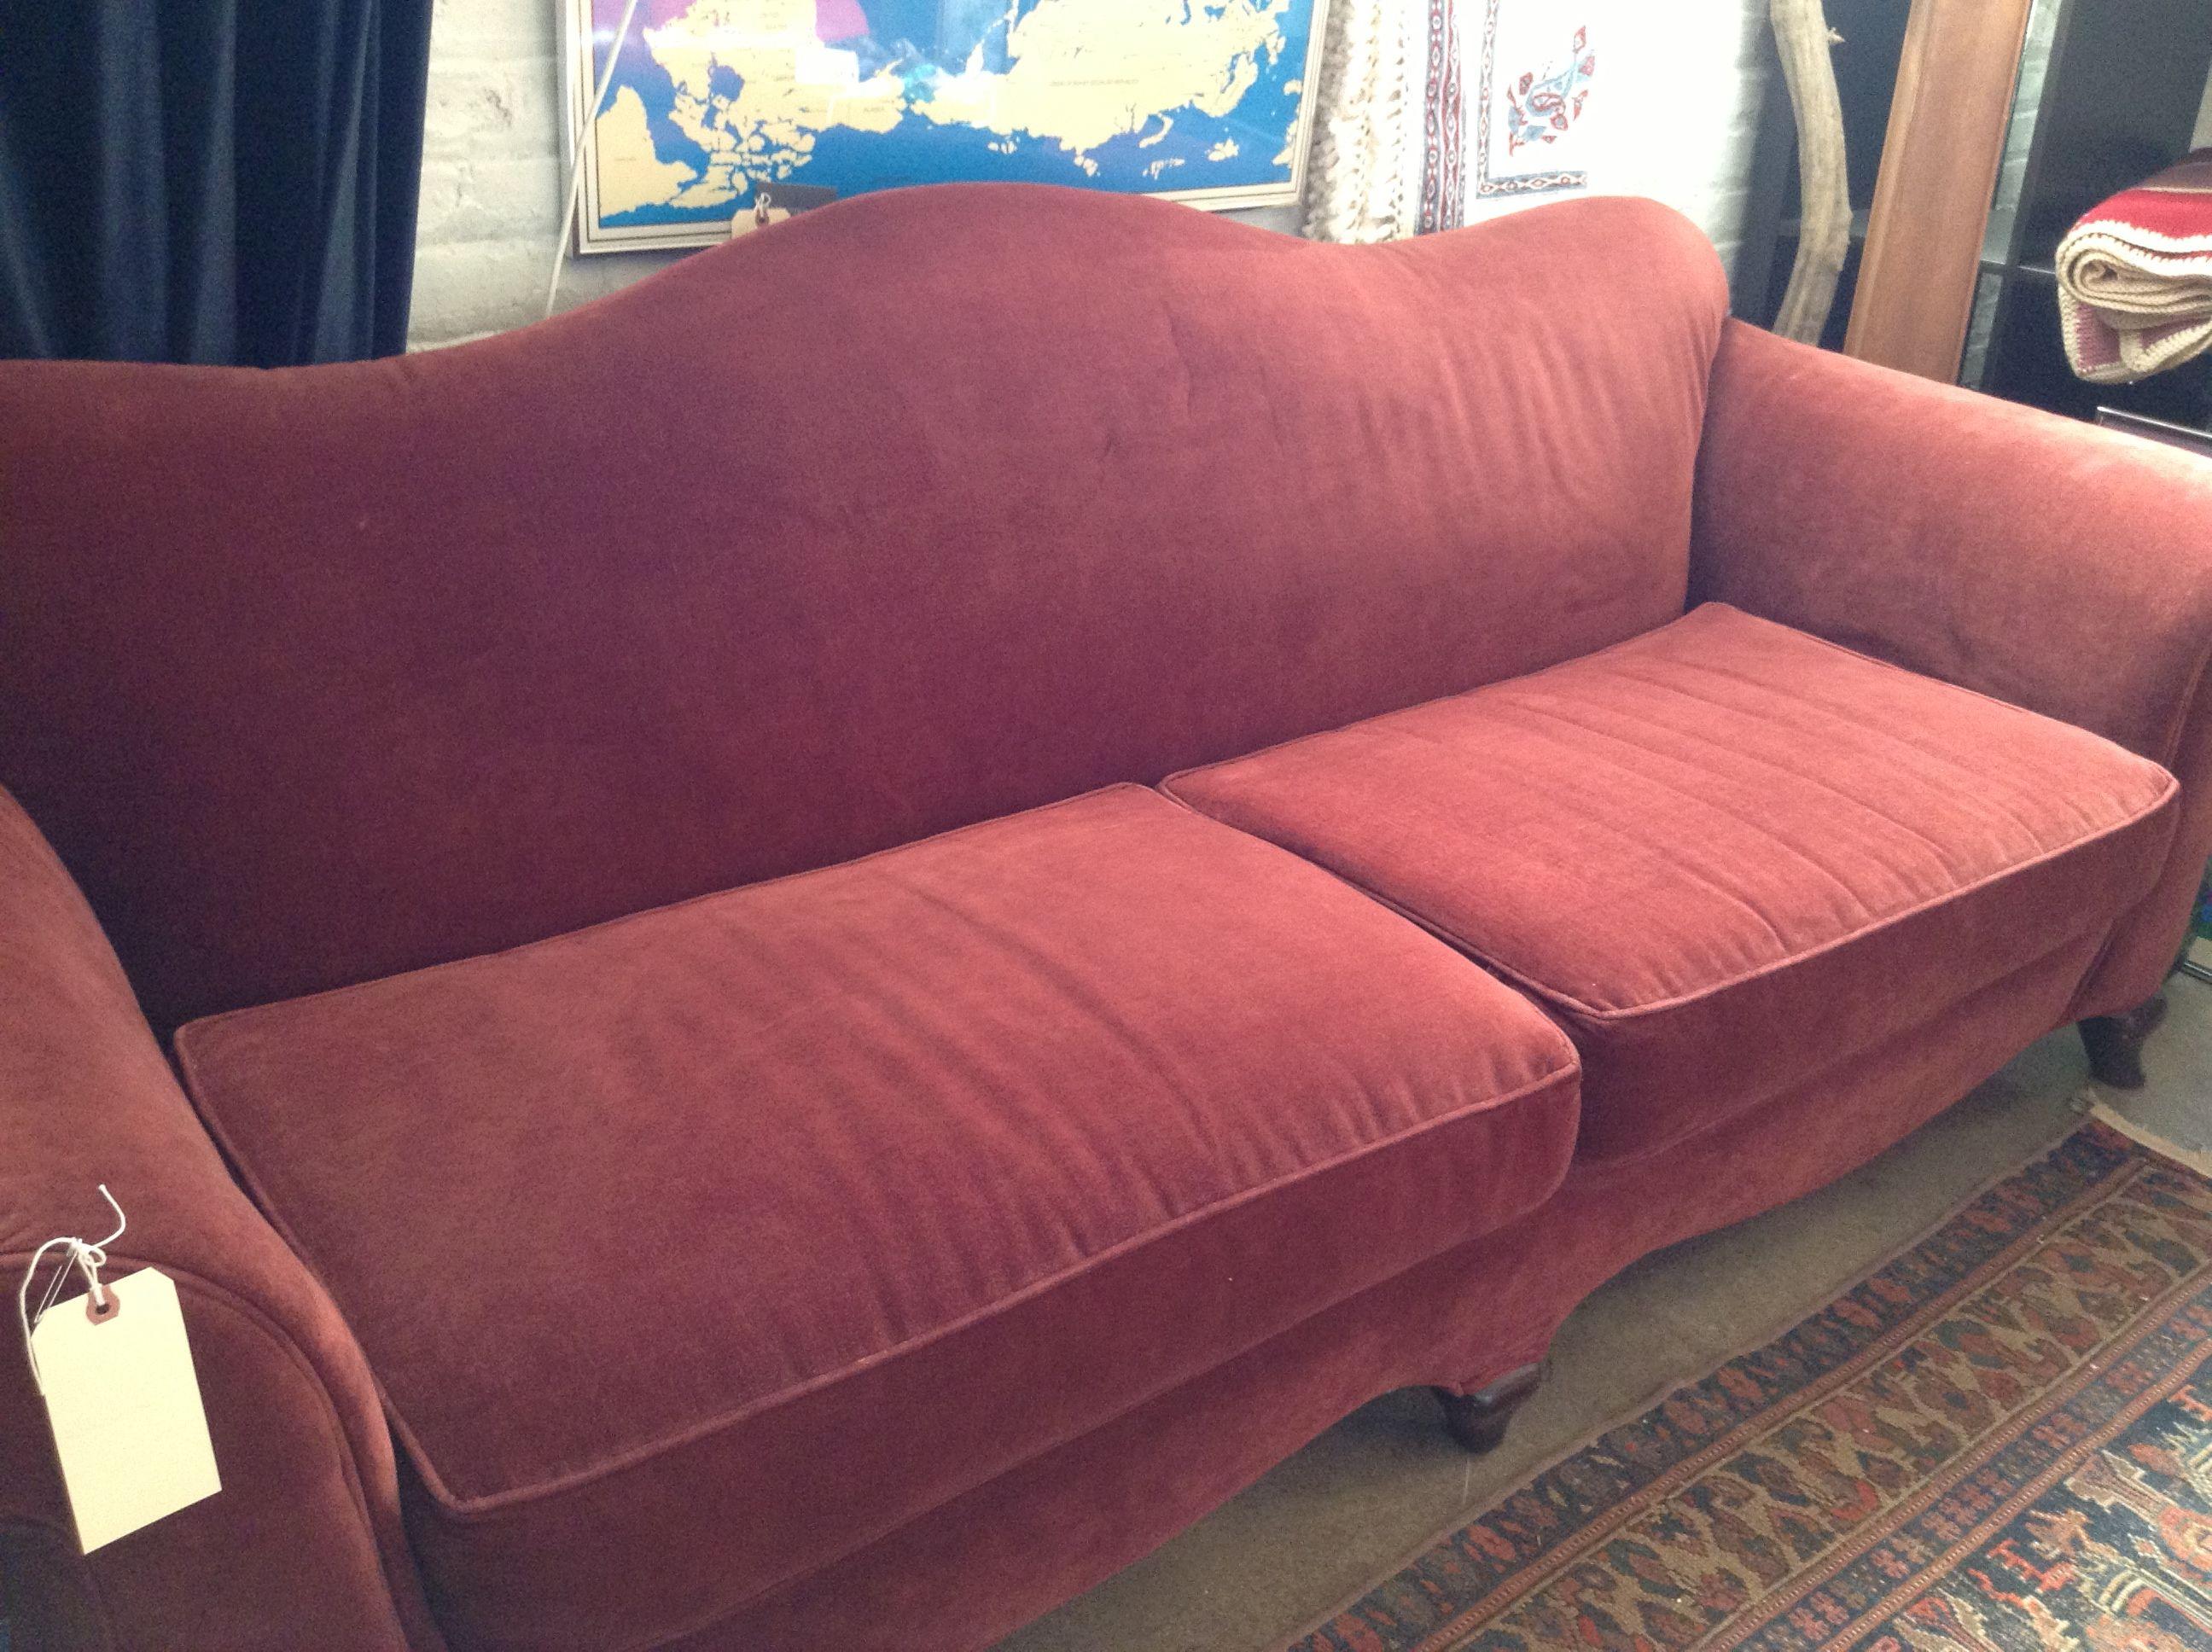 Vintage Burgundy Camel Back Sofa Price Reduction SOLD